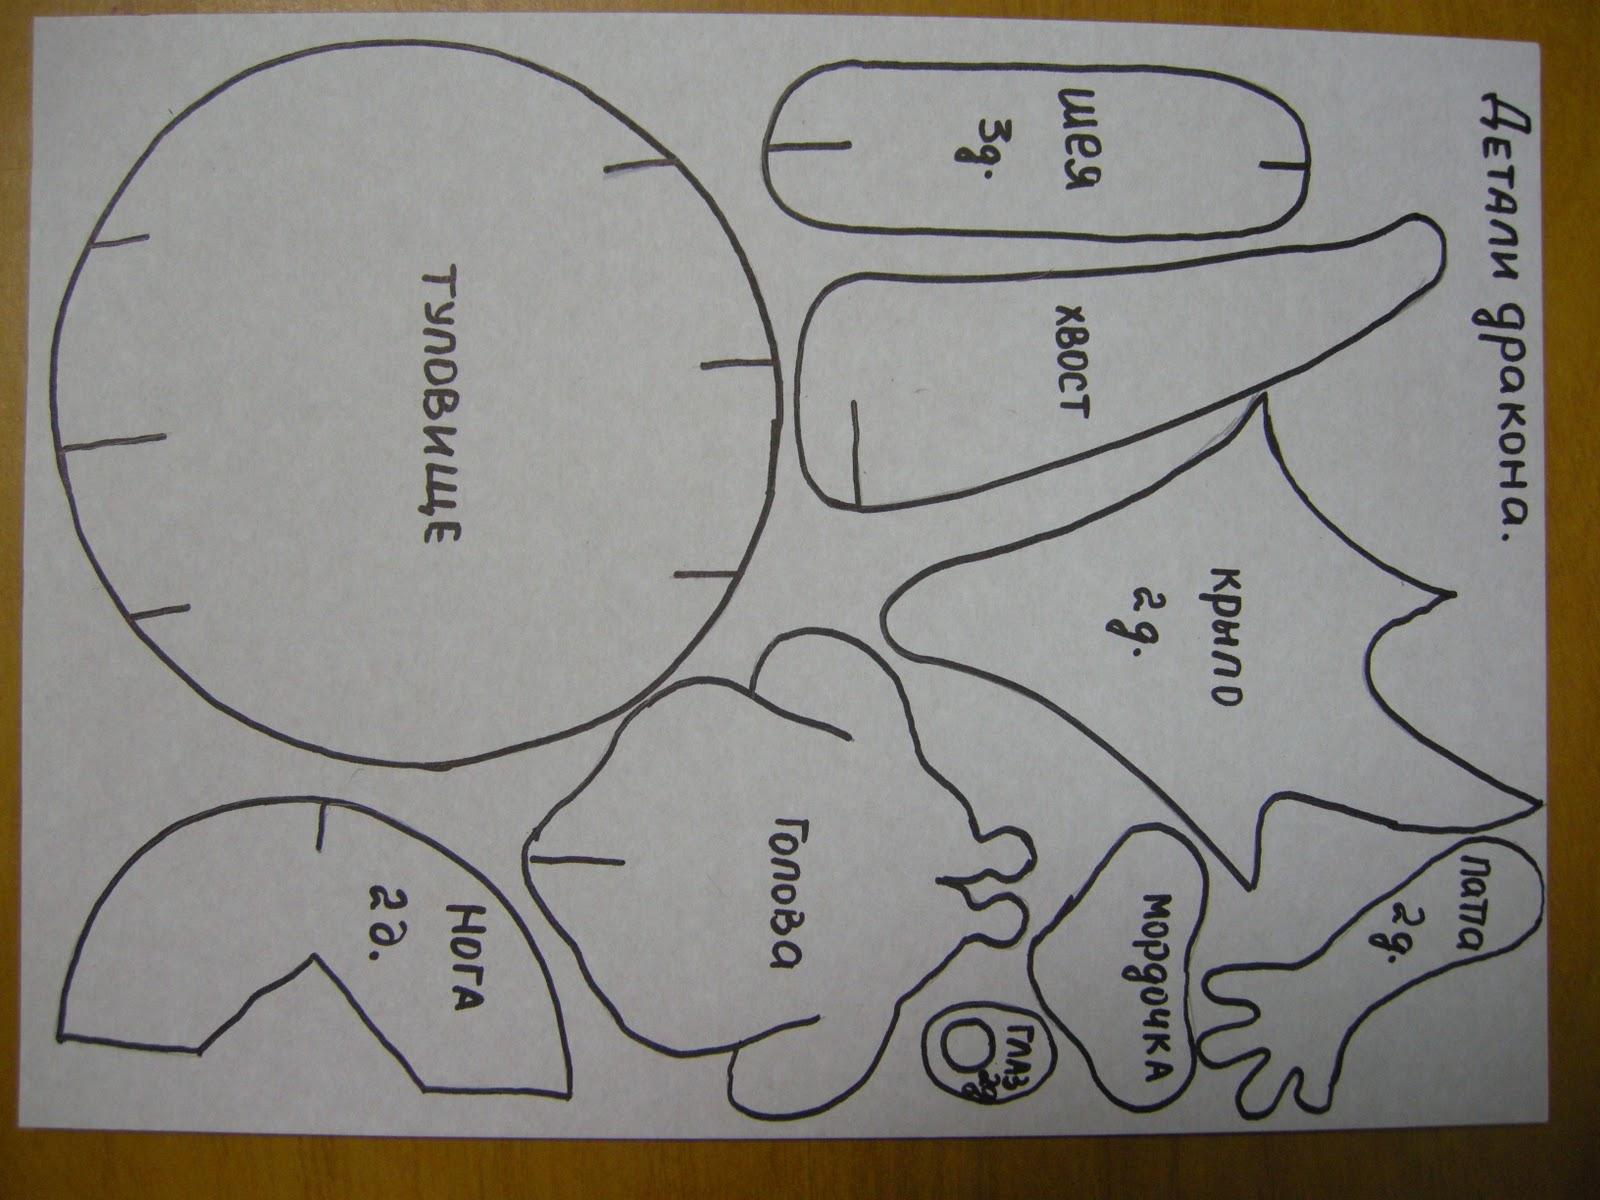 Интересные поделки из бумаги и картона 1 класс с шаблонами